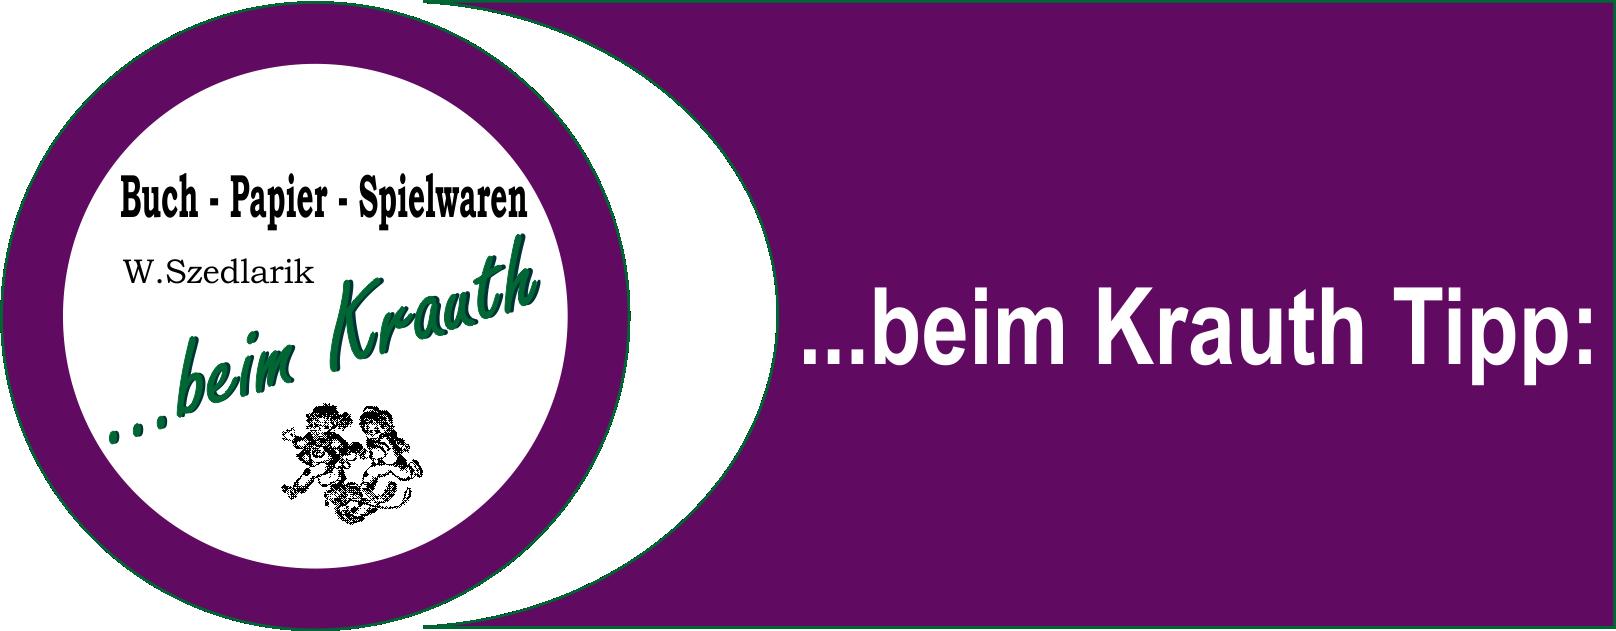 Logo_beimKrauth_tipp